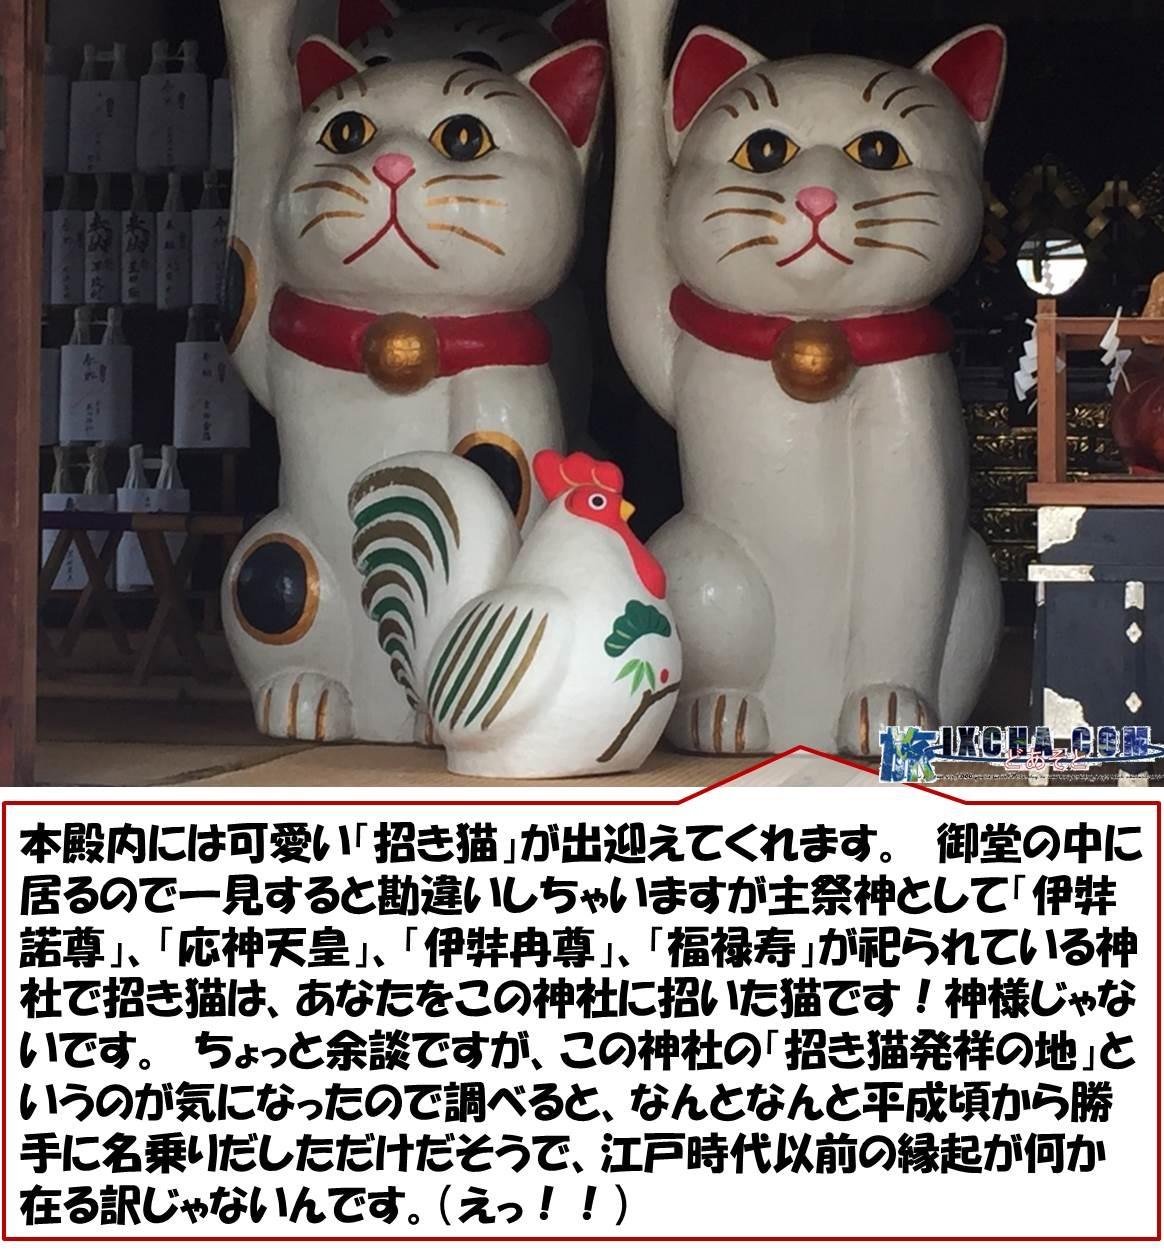 本殿内には可愛い「招き猫」が出迎えてくれます。 御堂の中に居るので一見すると勘違いしちゃいますが主祭神として「伊弉諾尊」、「応神天皇」、「伊弉冉尊」、「福禄寿」が祀られている神社で招き猫は、あなたをこの神社に招いた猫です!神様じゃないです。 ちょっと余談ですが、この神社の「招き猫発祥の地」というのが気になったので調べると、なんとなんと平成頃から勝手に名乗りだしただけだそうで、江戸時代以前の縁起が何か在る訳じゃないんです。(えっ!!)